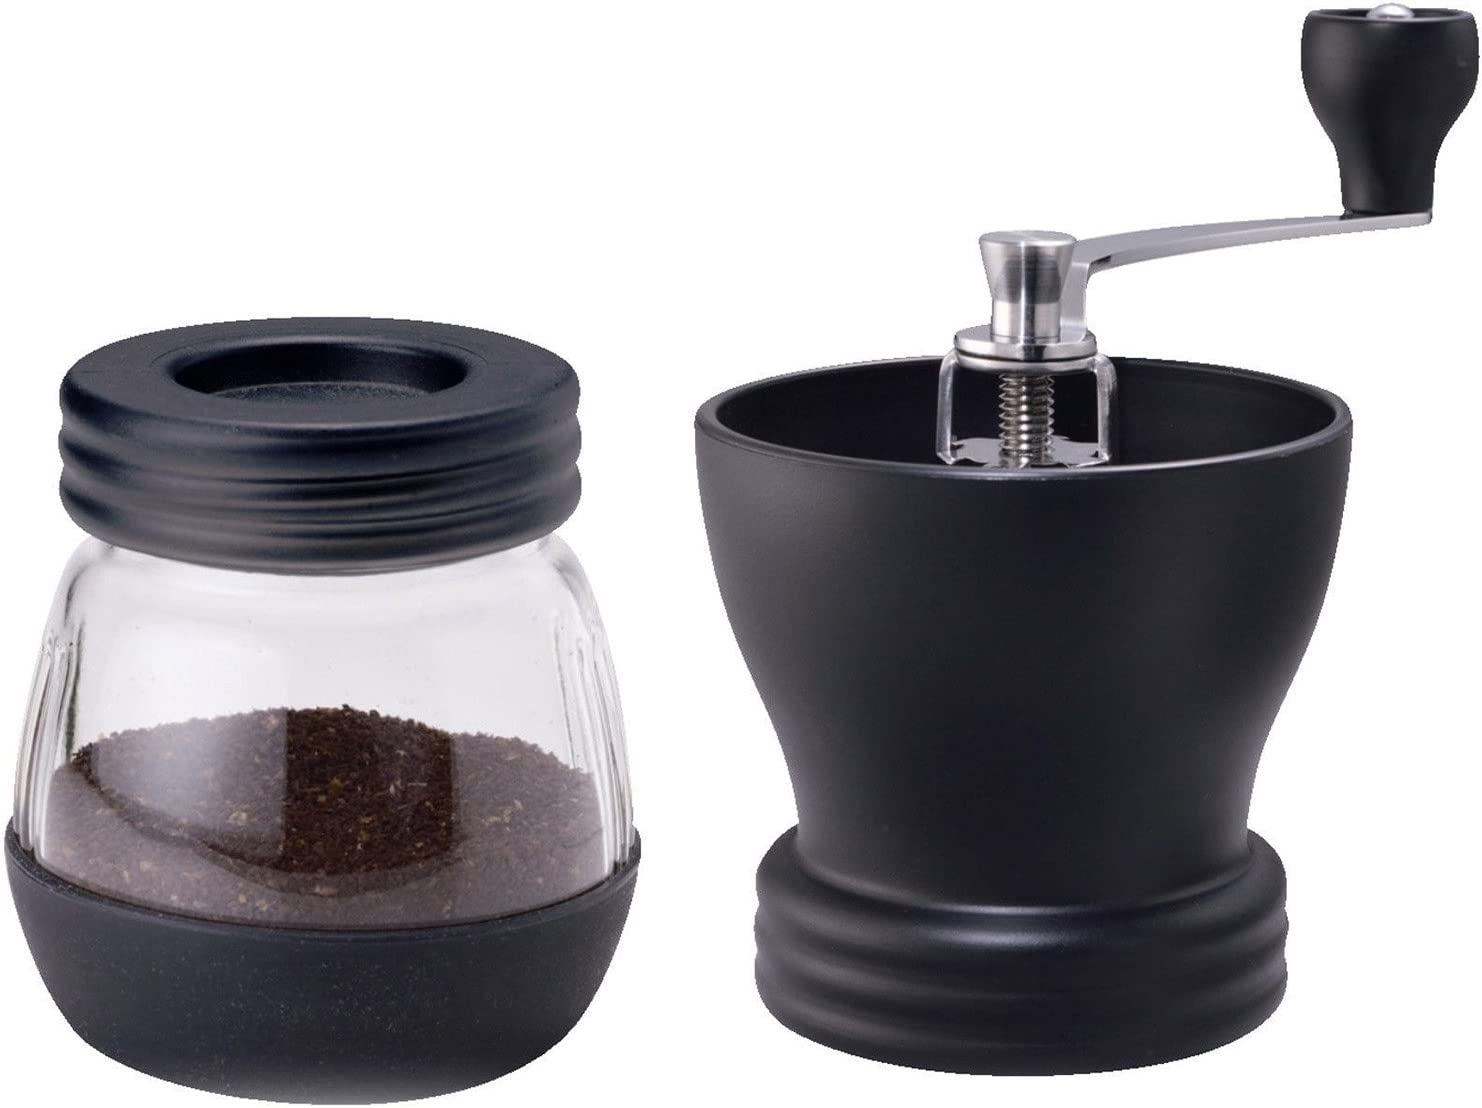 Molinillo de caf/é Manual Mecanismo de cer/ámica y Recipiente Extra con Pincel, Ajustable Black Drop